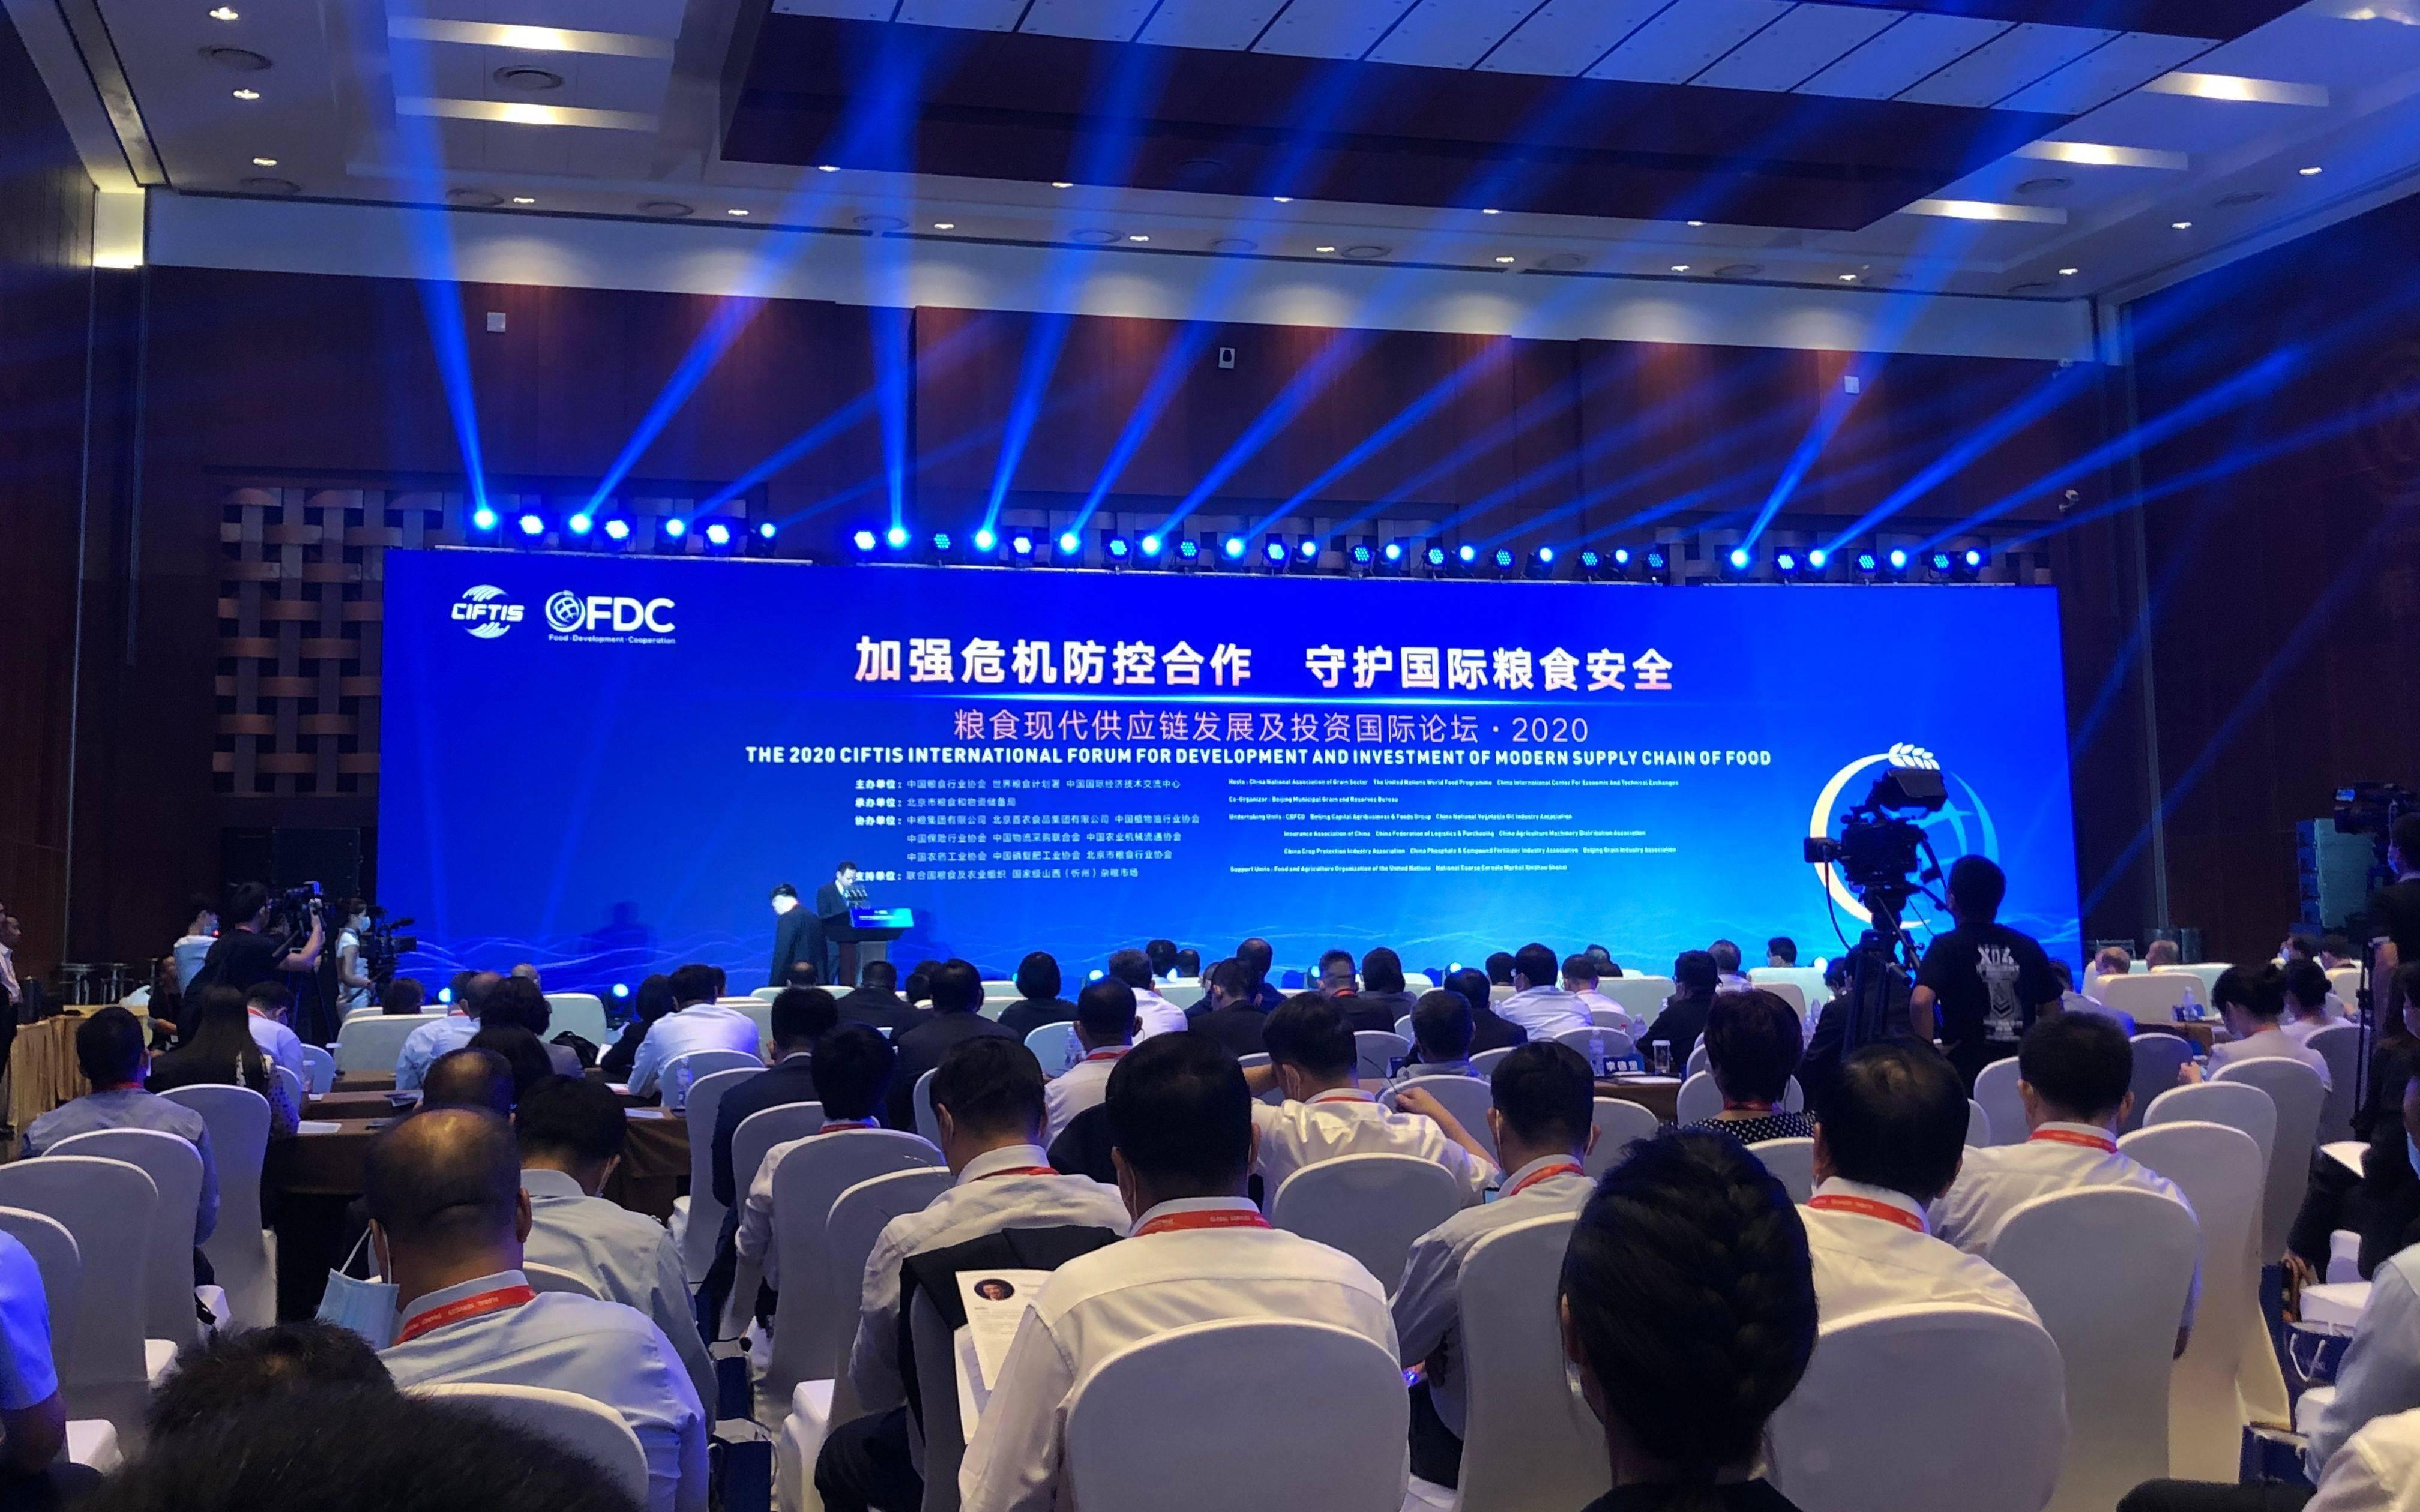 中国国际经济交流中心张晓强:深入推进粮食供给侧结构改革